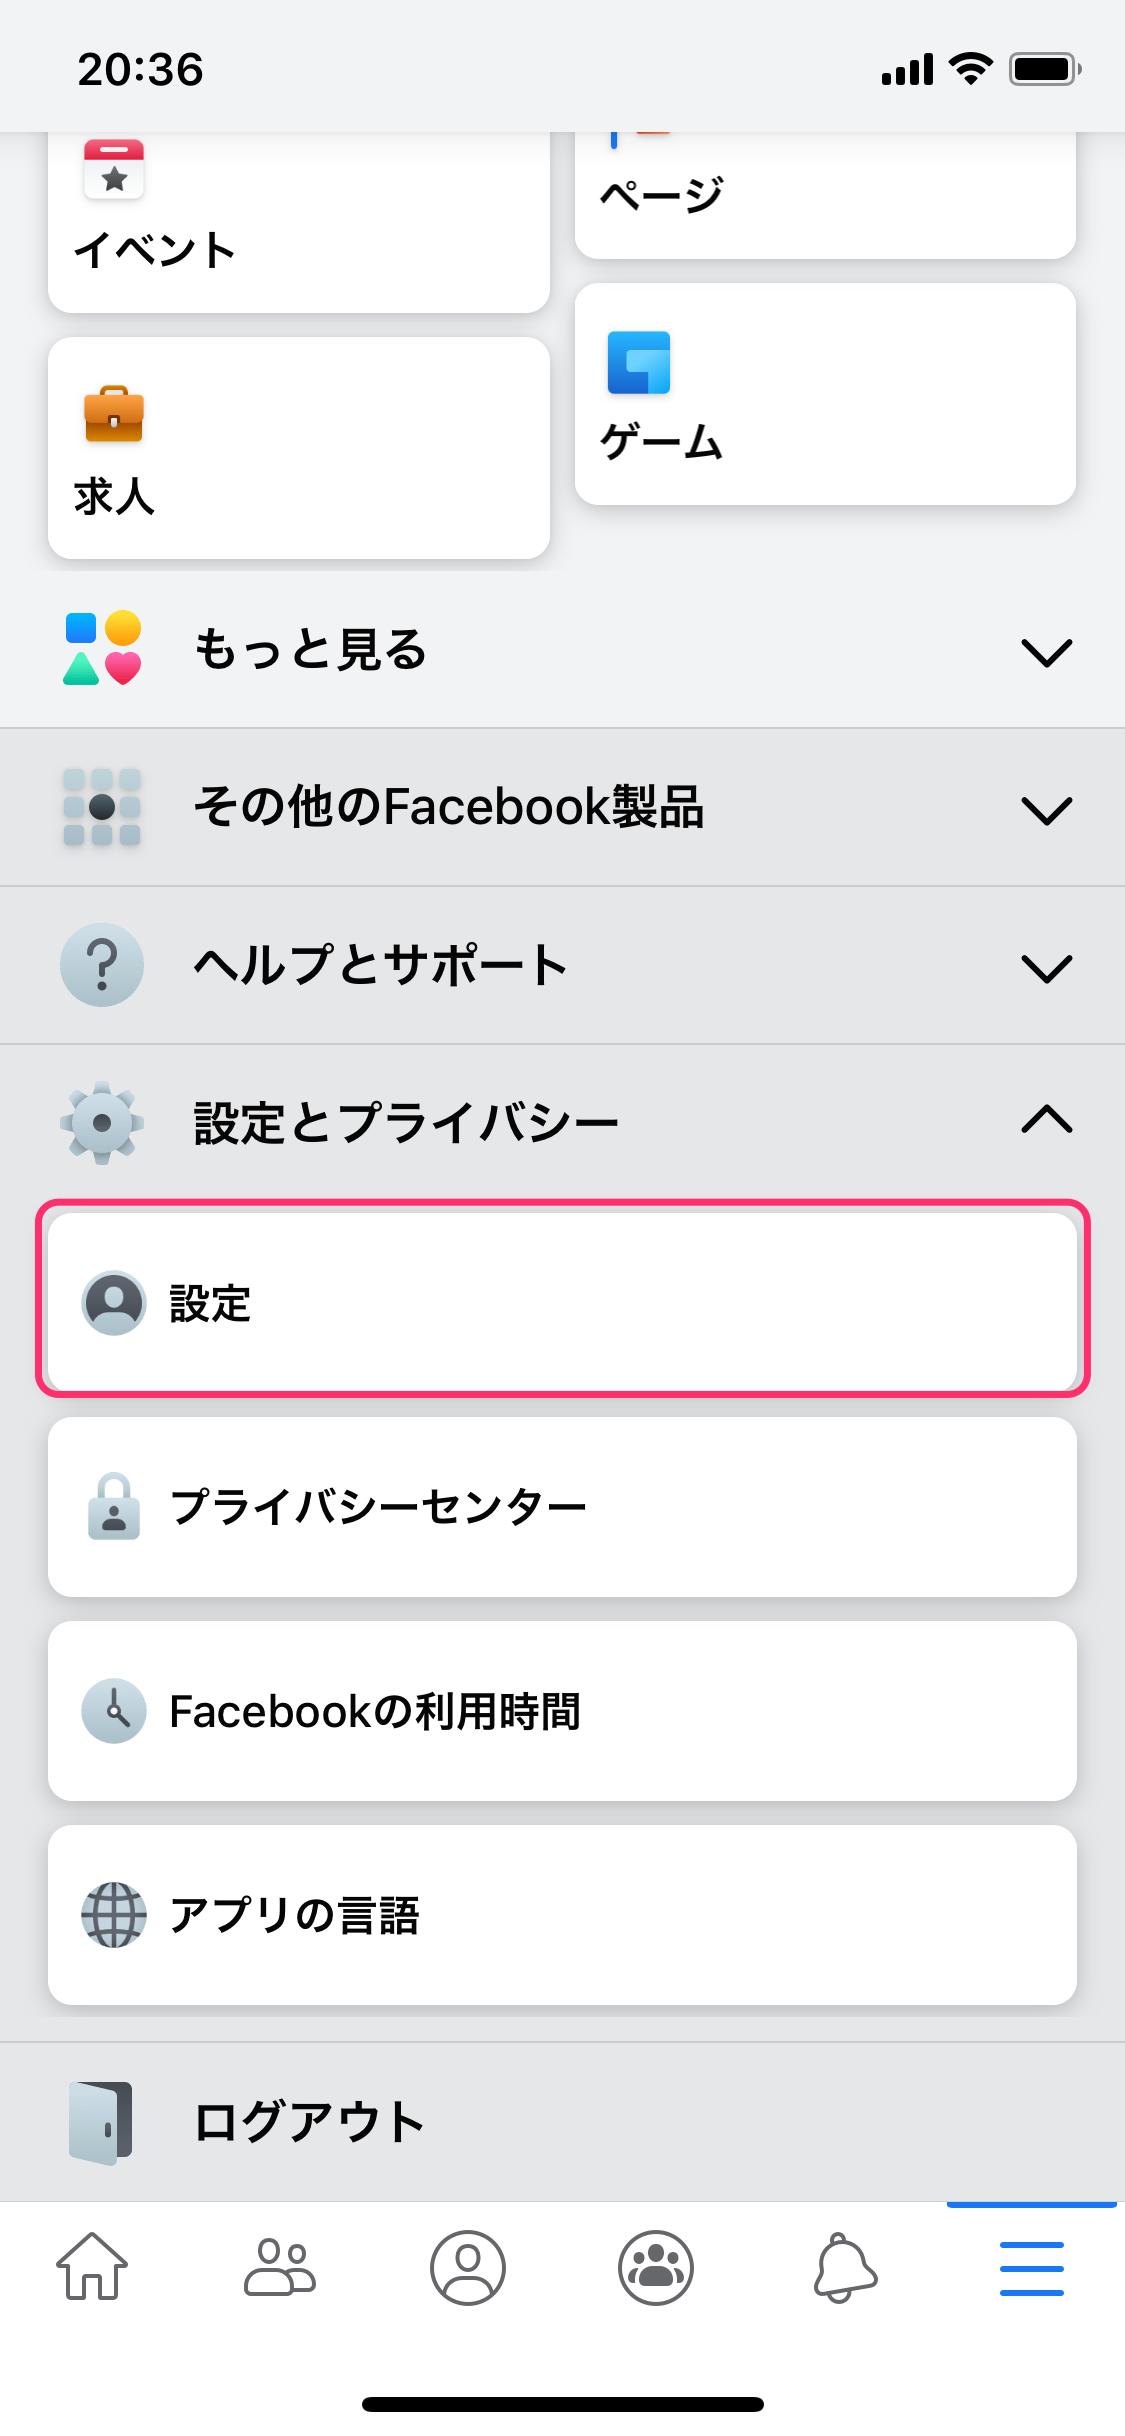 Facebook 設定とプライバシー